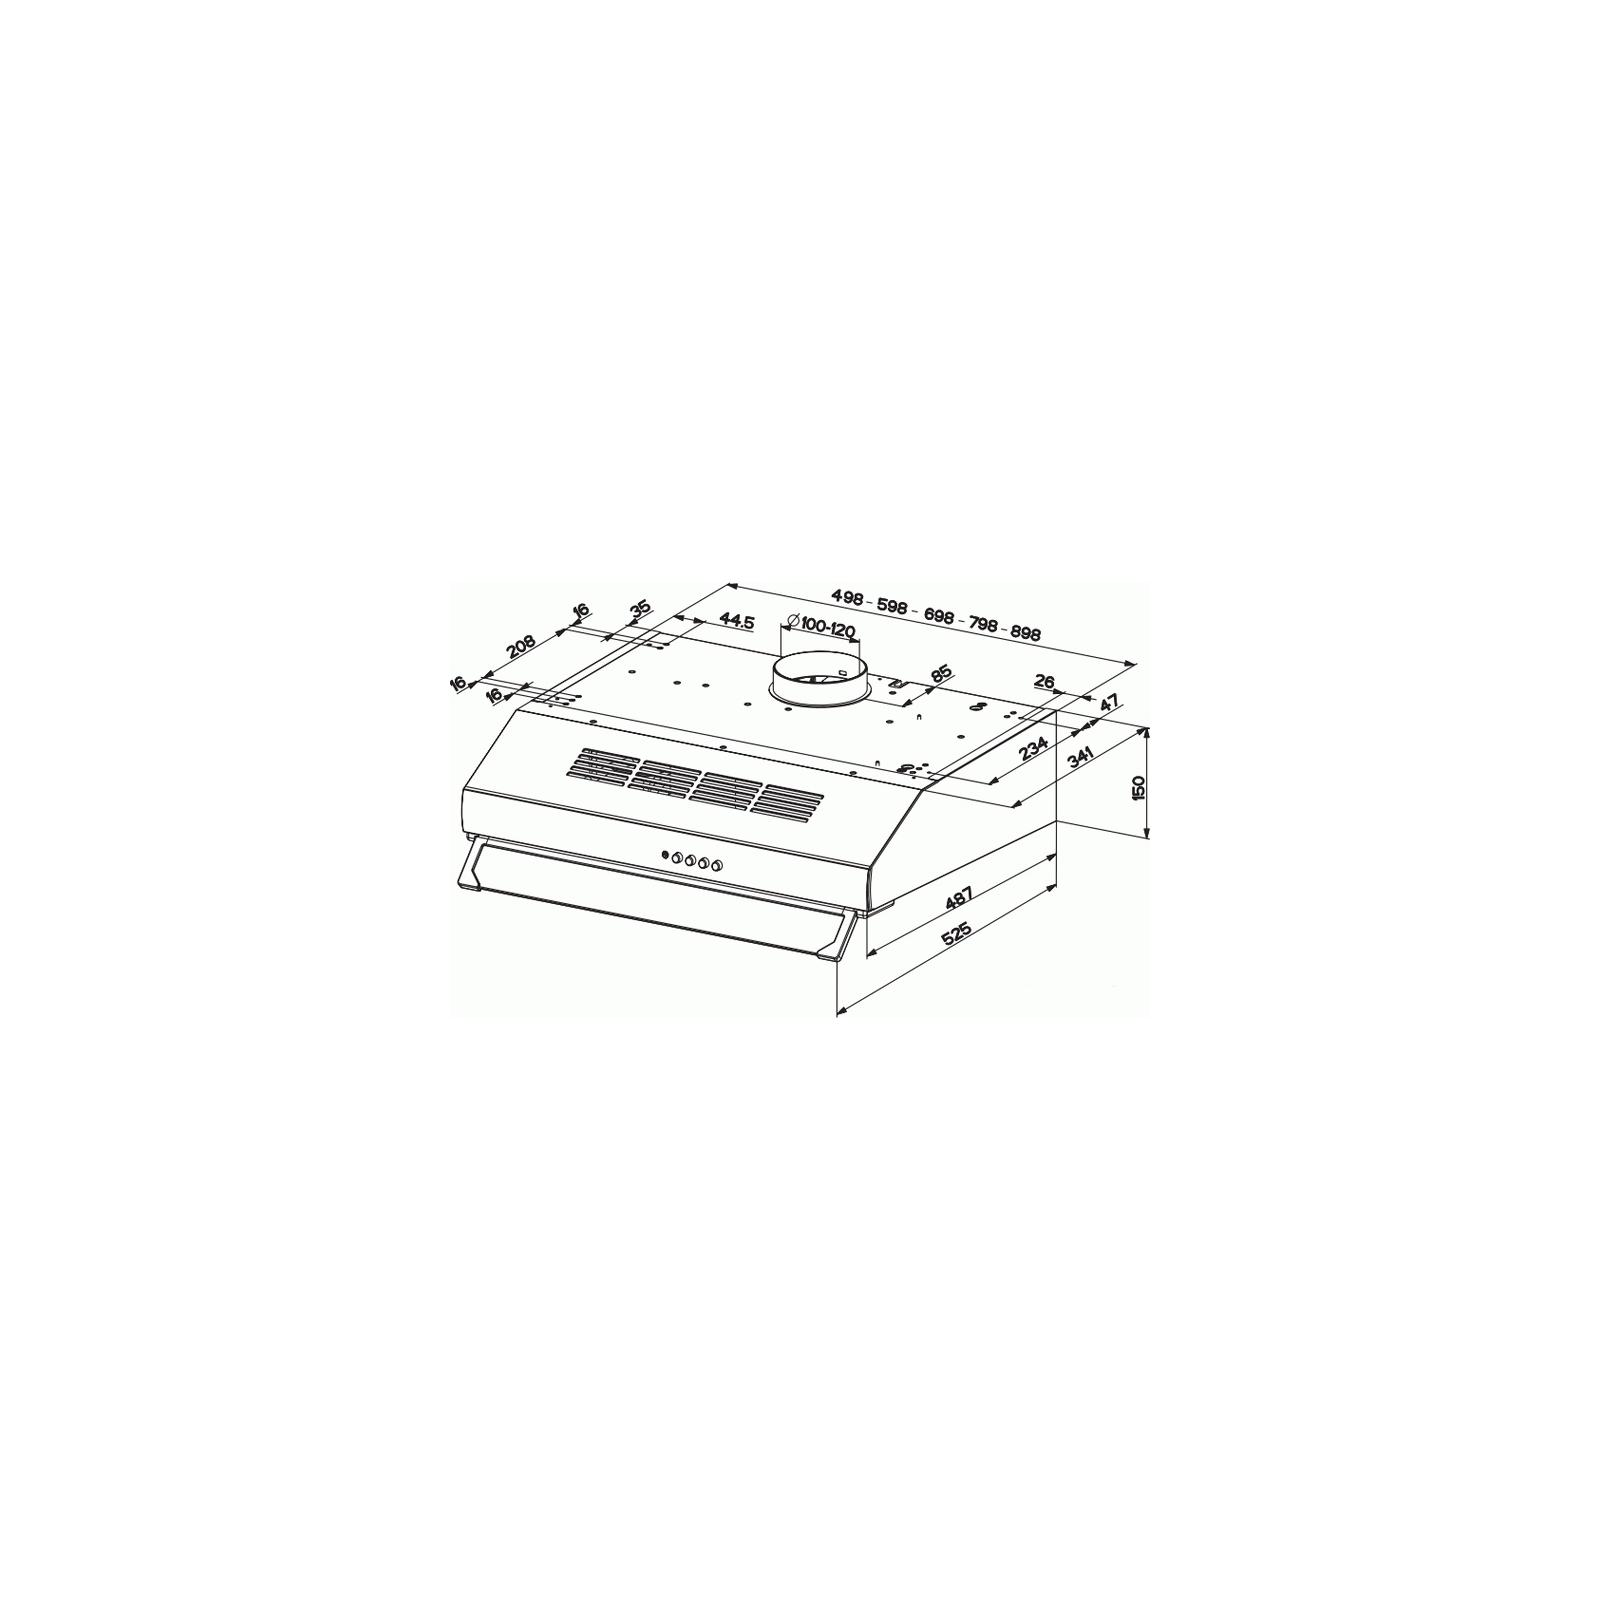 Вытяжка кухонная FABER 741 A50 X Plus изображение 2